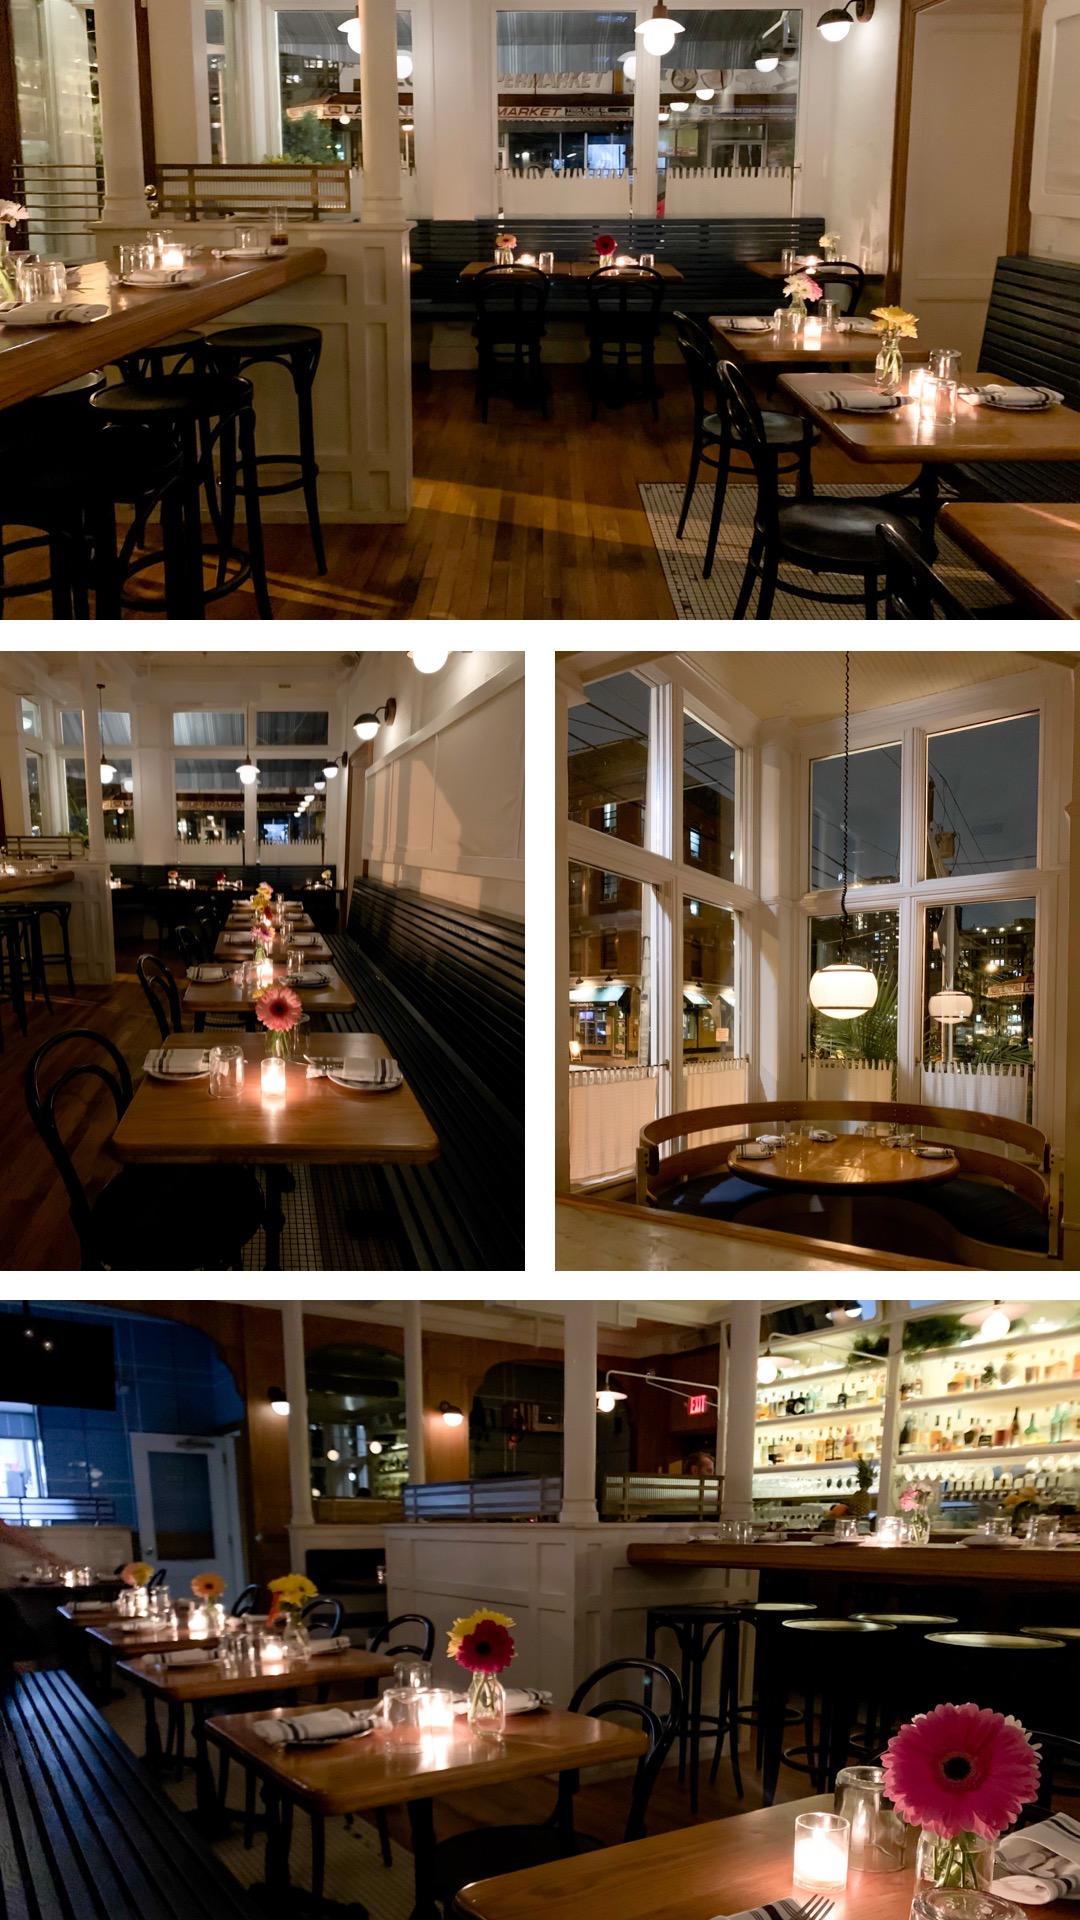 Matthews Food & Drink - Jersey City - Lauren Schwaiger Travel Blog